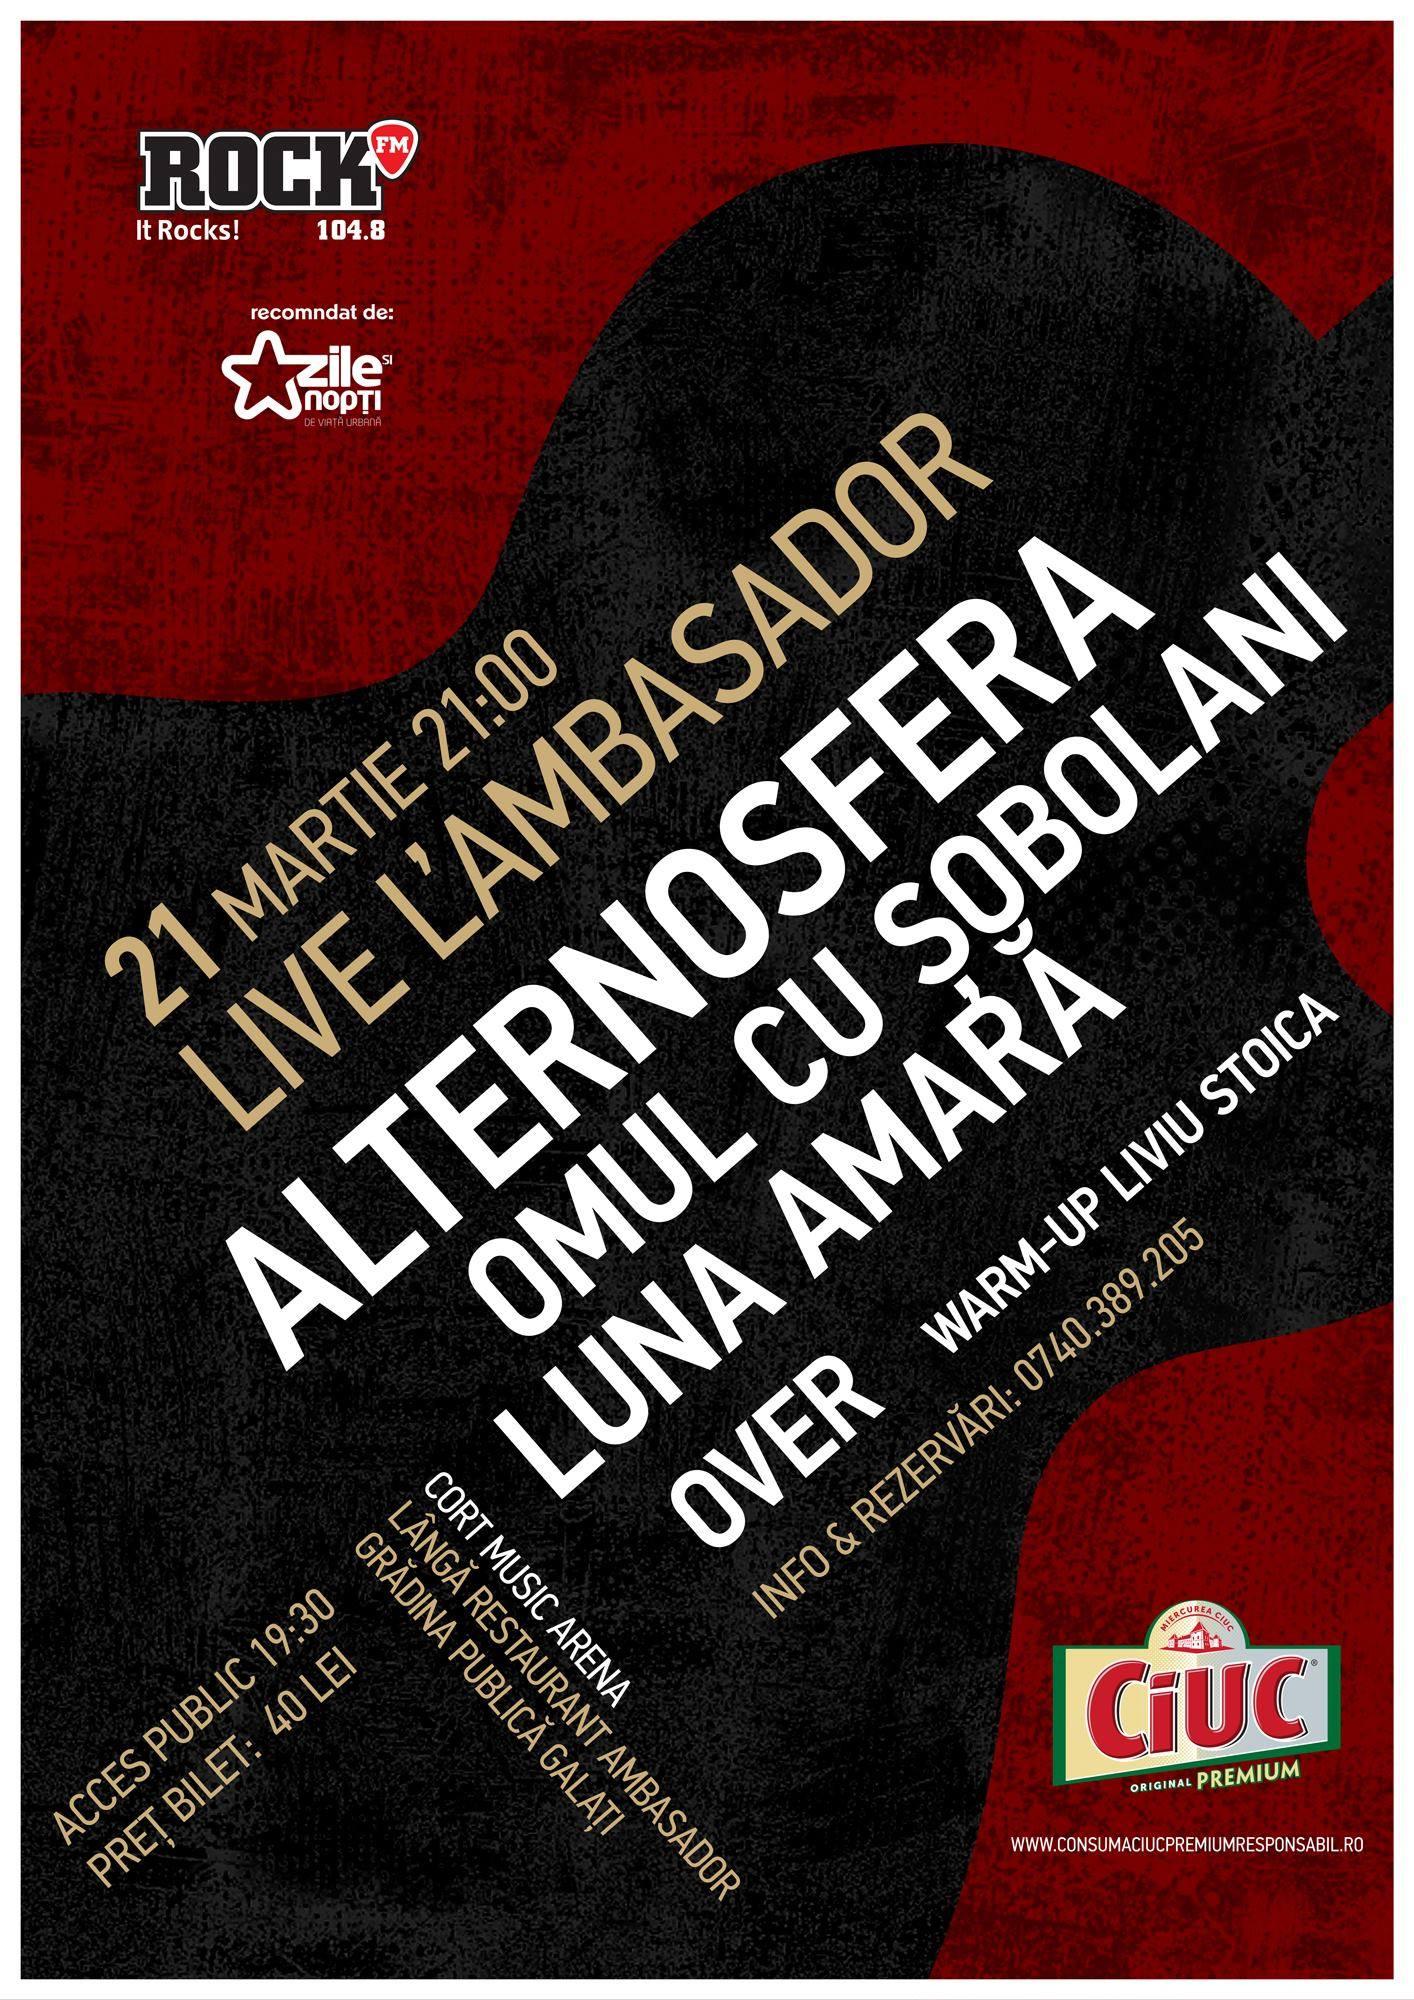 Concert-maraton în Galaţi @ Alternosfera, Omul cu Şobolani și Luna Amară